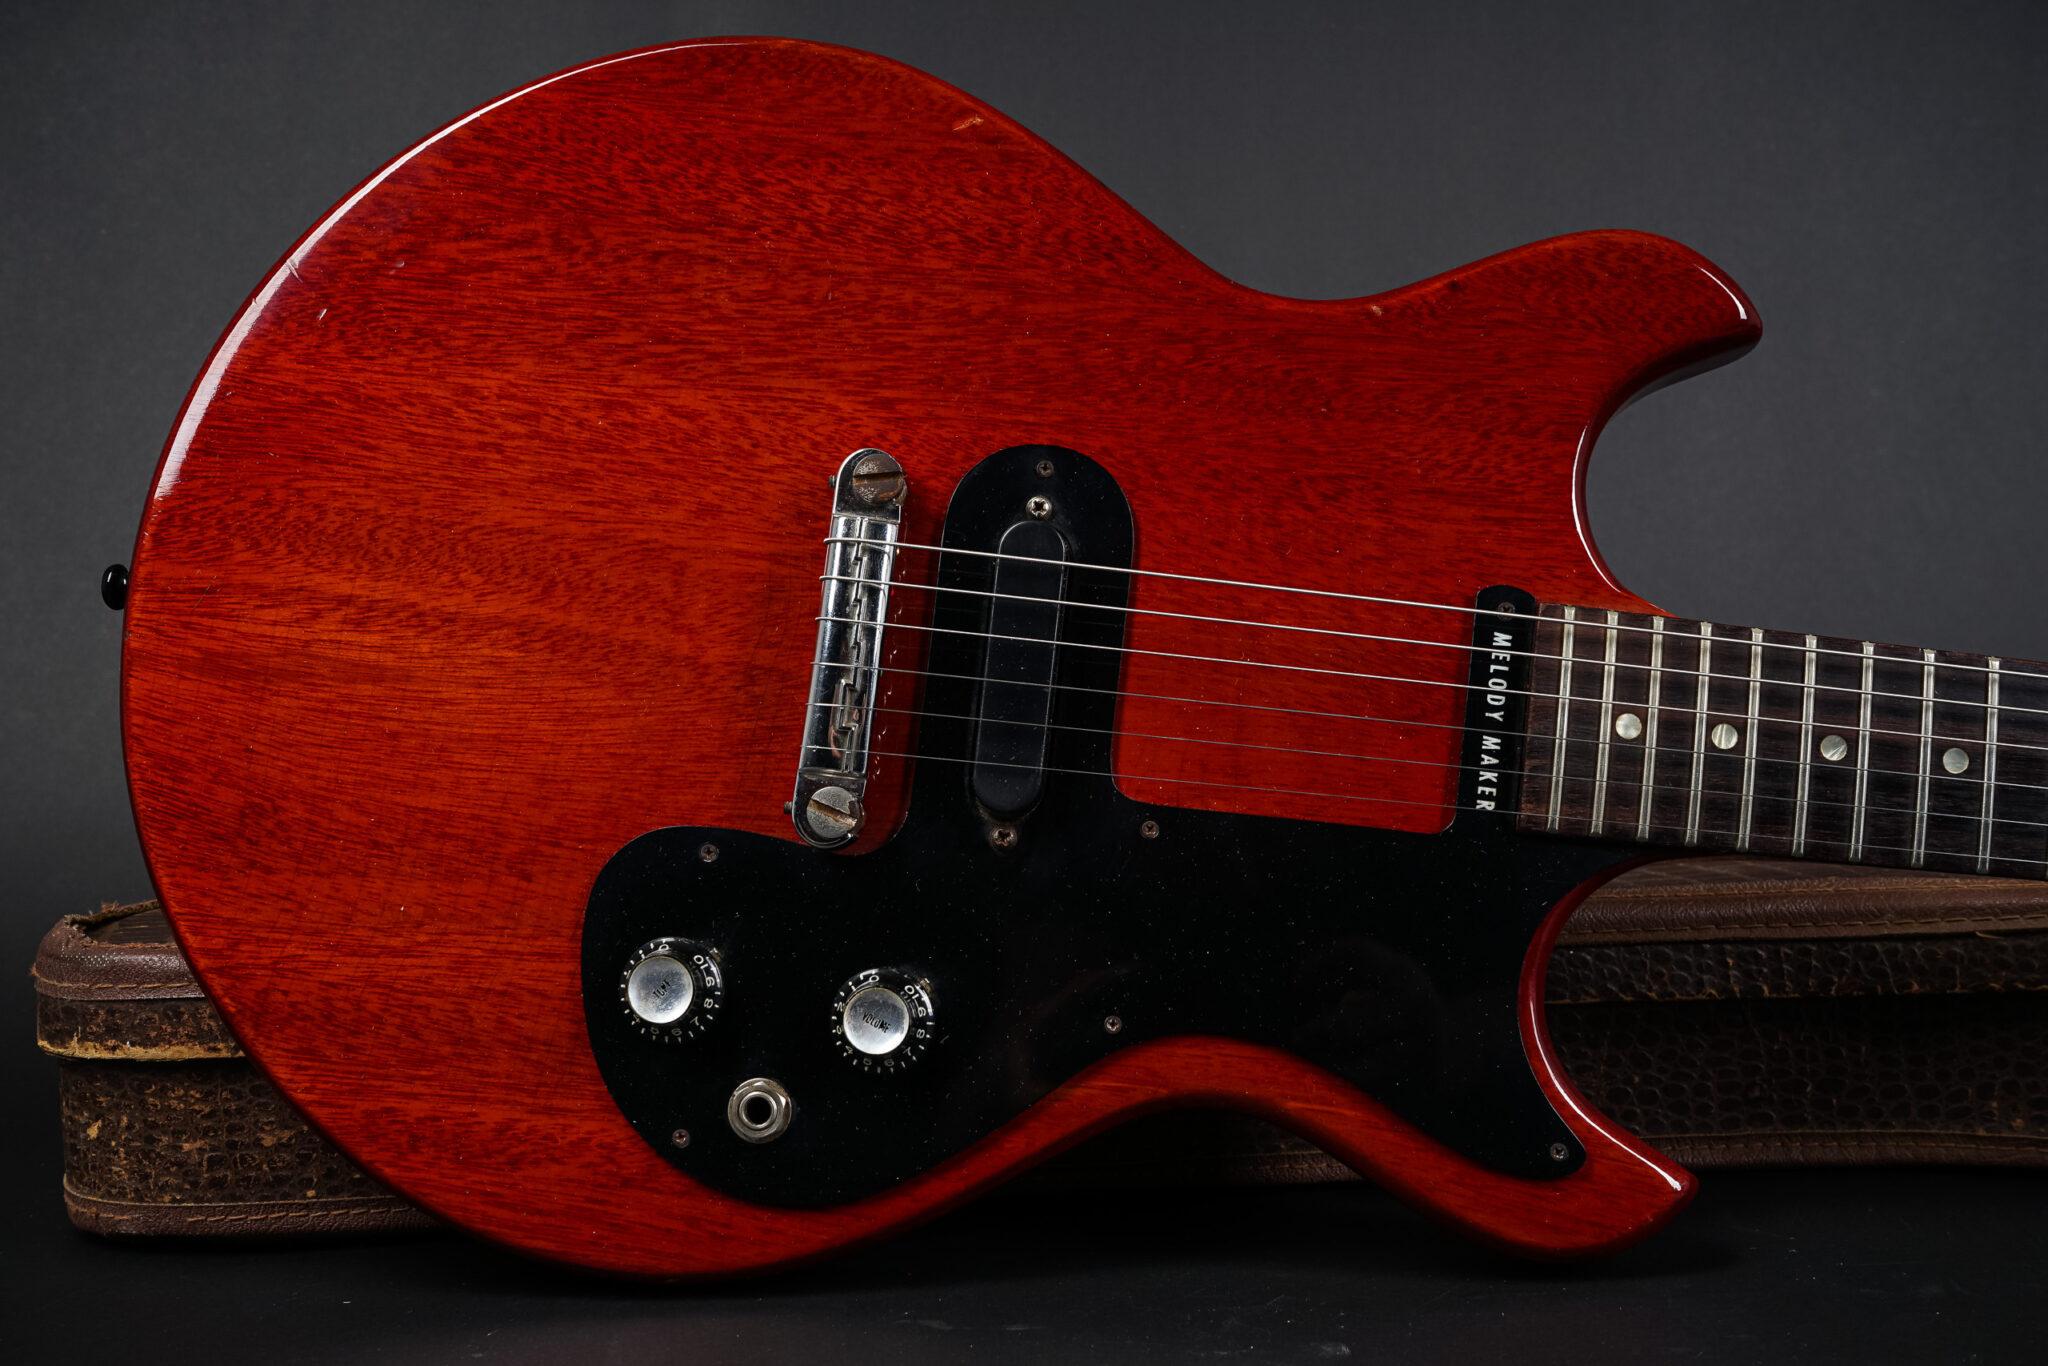 https://guitarpoint.de/app/uploads/products/1965-gibson-melody-maker-cherry-6/1965-Gibson-melody-Maker-259979-8-2048x1366.jpg